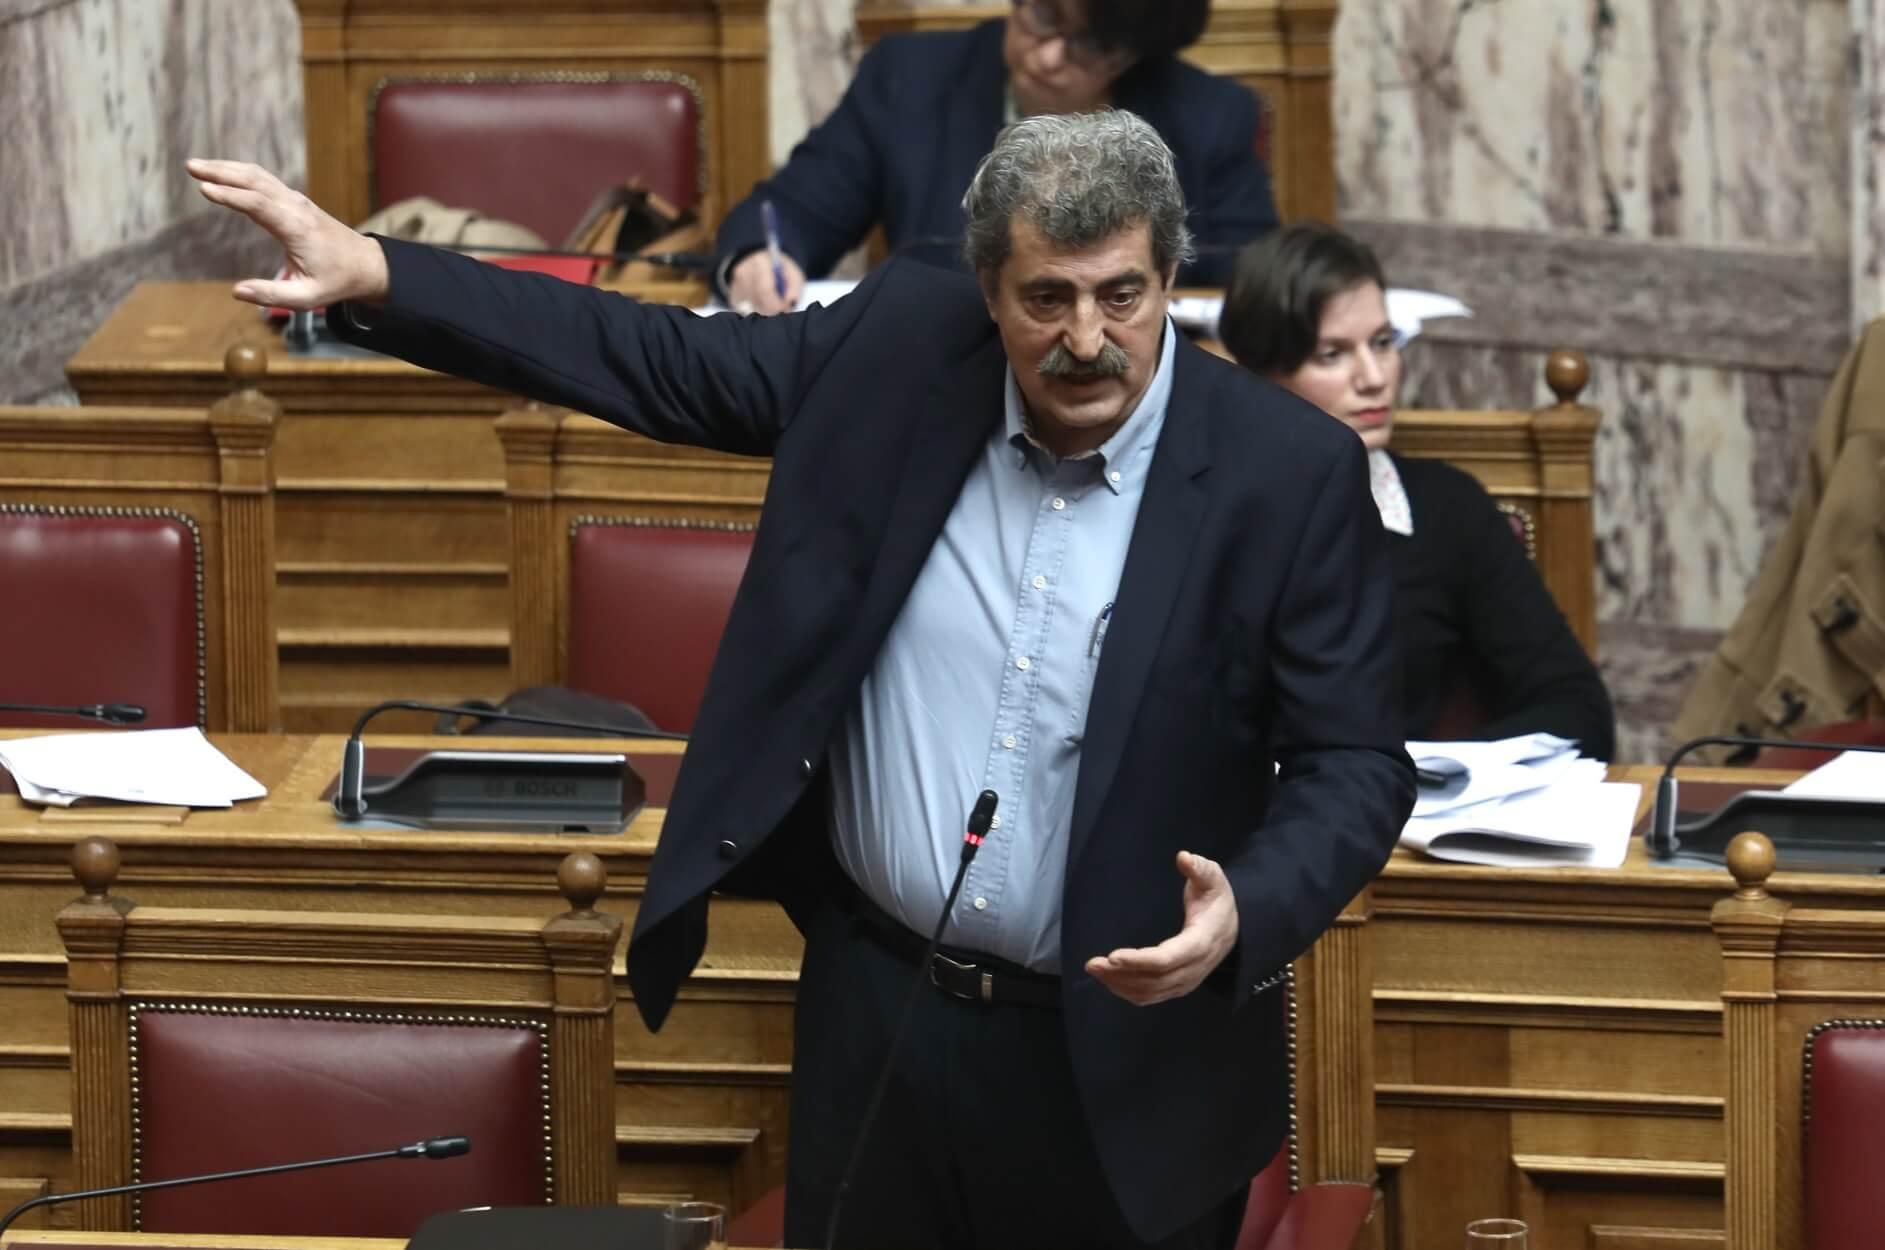 """Ψήφος εμπιστοσύνης: Επεισόδιο μεταξύ Μητσοτάκη και Πολάκη στα έδρανα της Βουλής! """"Είσαι φασίστας, θα τα πούμε αύριο"""""""